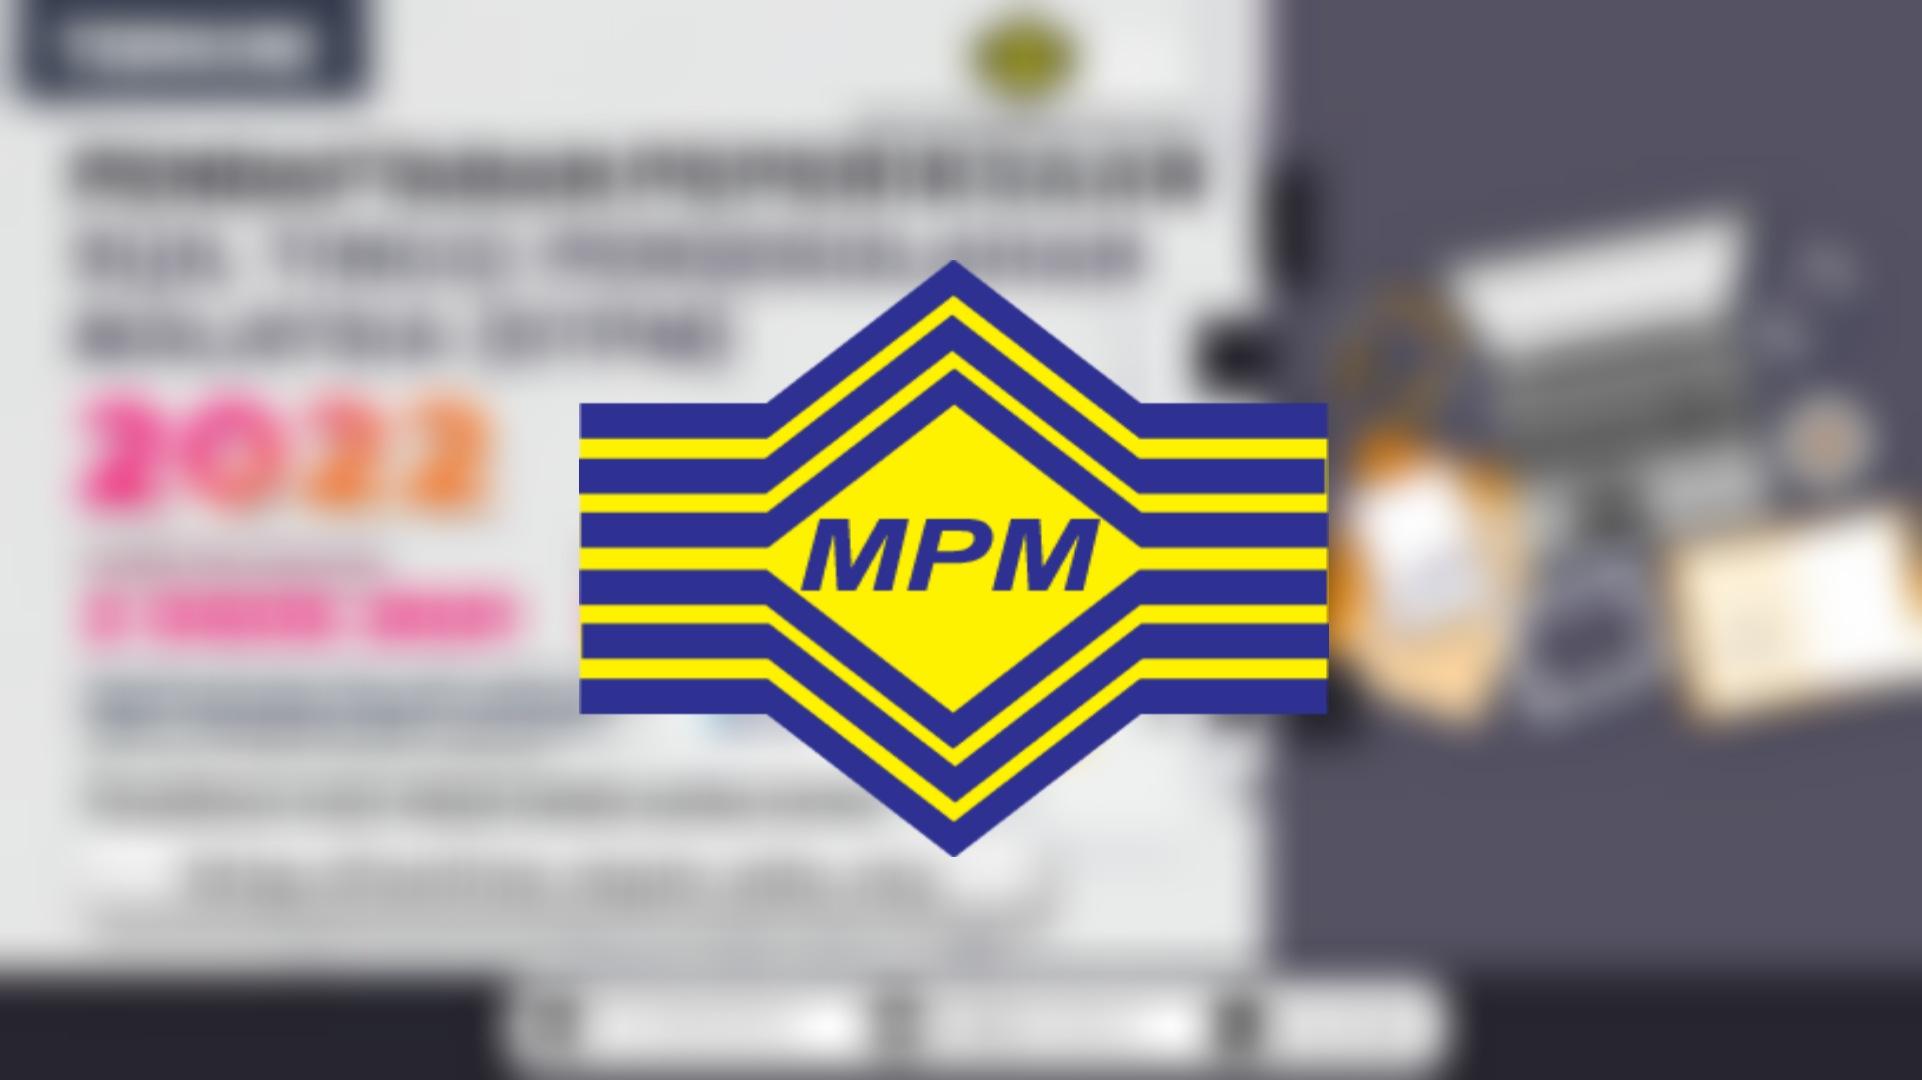 Jadual Peperiksaan STPM 2022 (Kalendar)